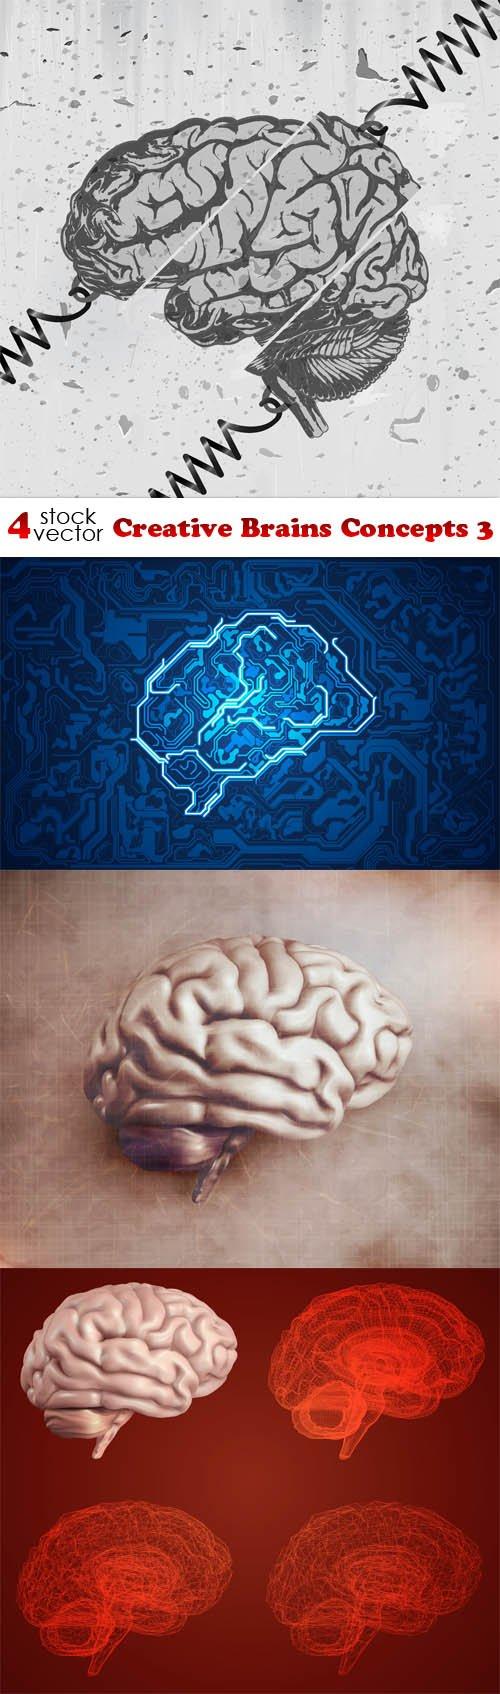 Vectors - Creative Brains Concepts 3